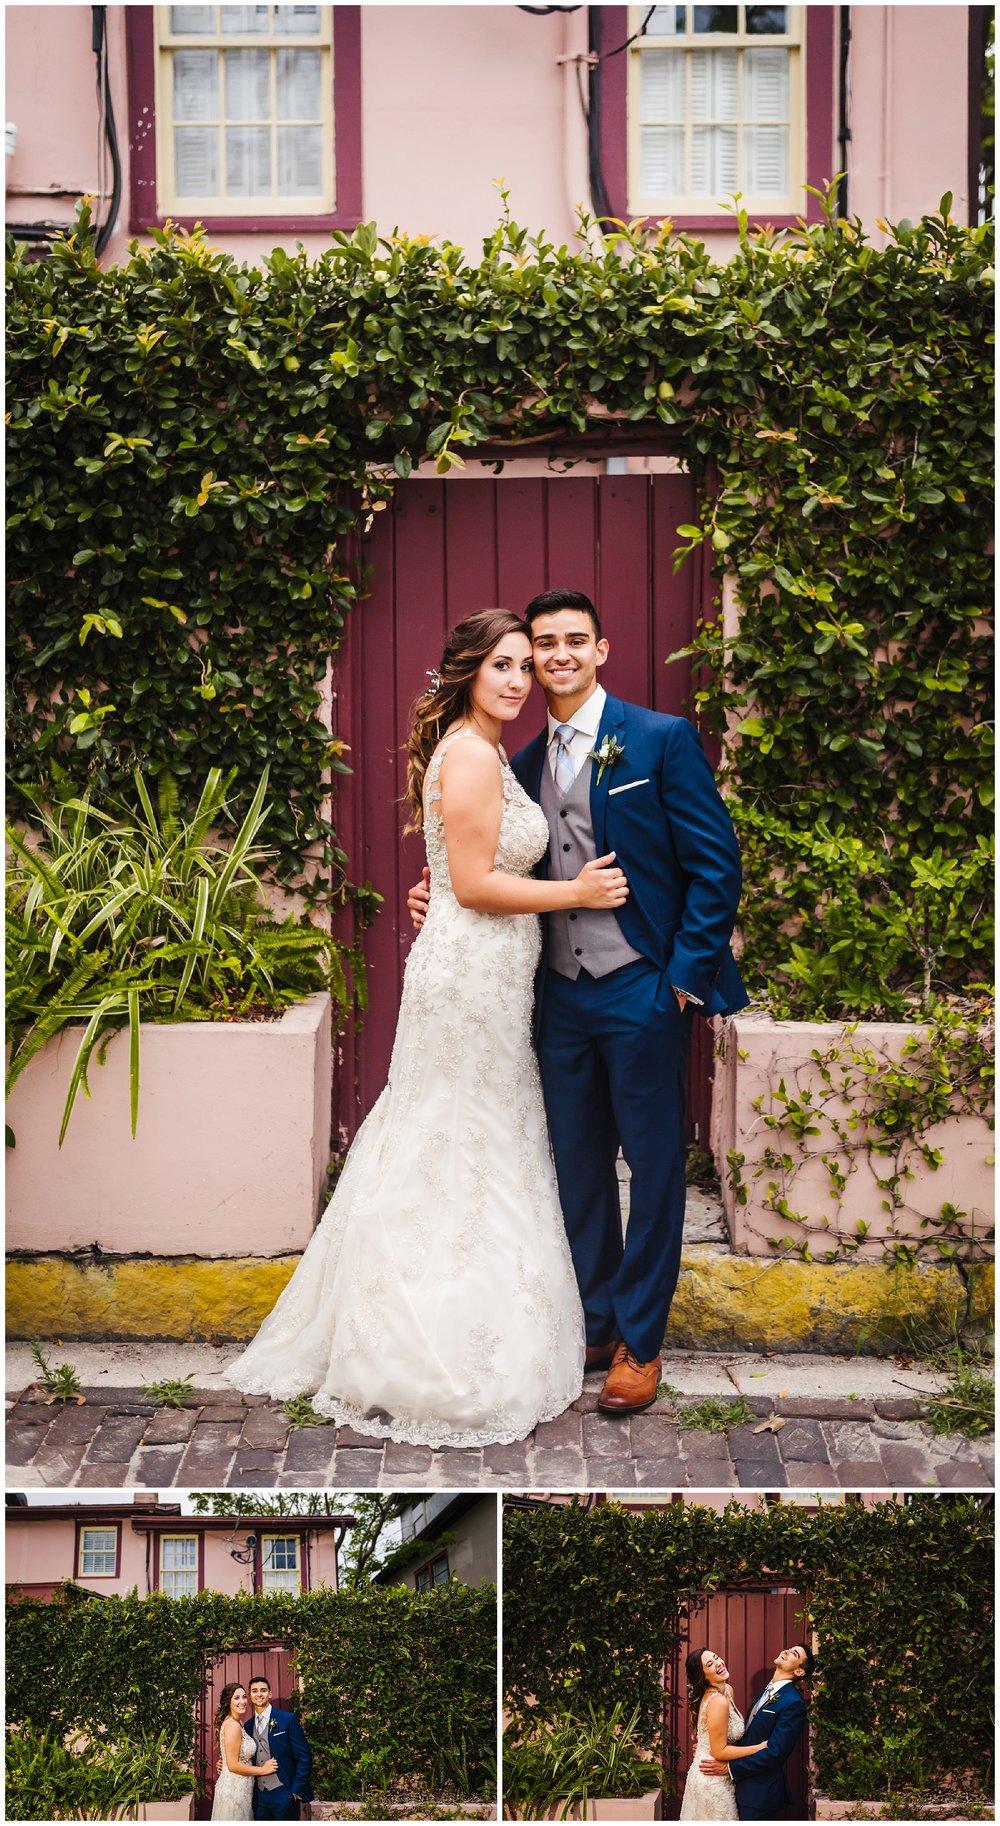 st-augustine-destination-wedding-photographer-white-room-villa-blanca-flagler-first-look_0046.jpg